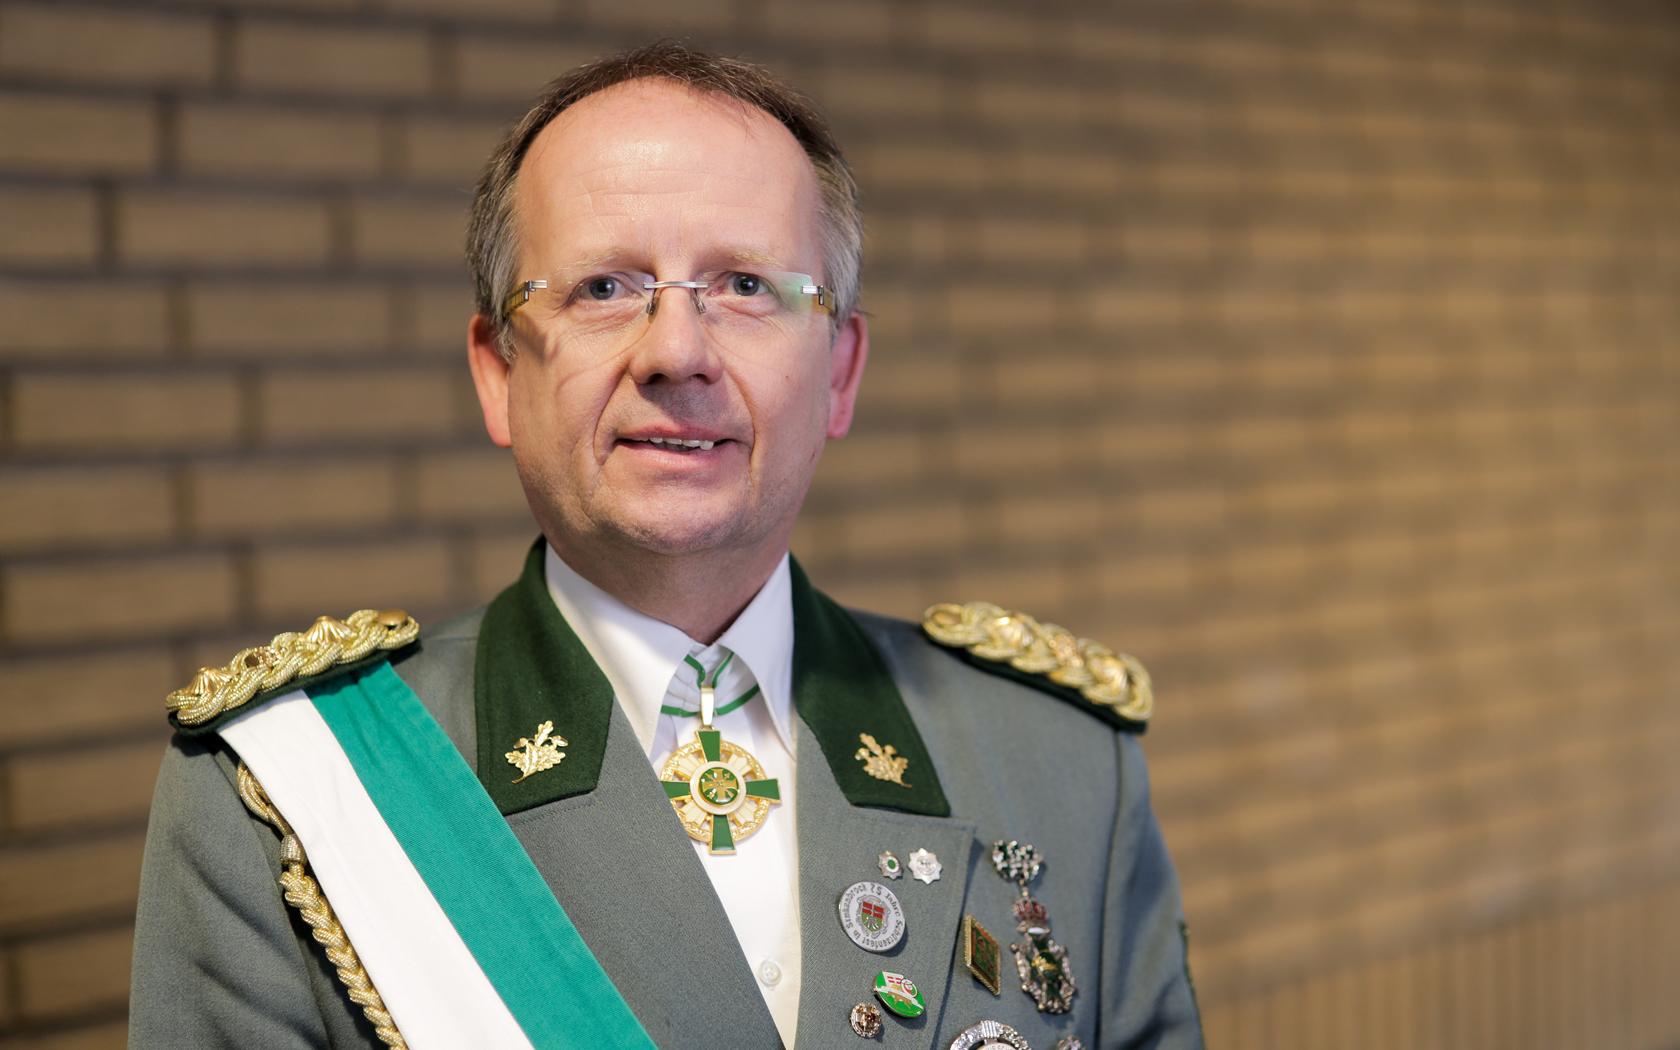 Ulrich Teipel - St. Johannes Schützenbruderschaft Stukenbrock